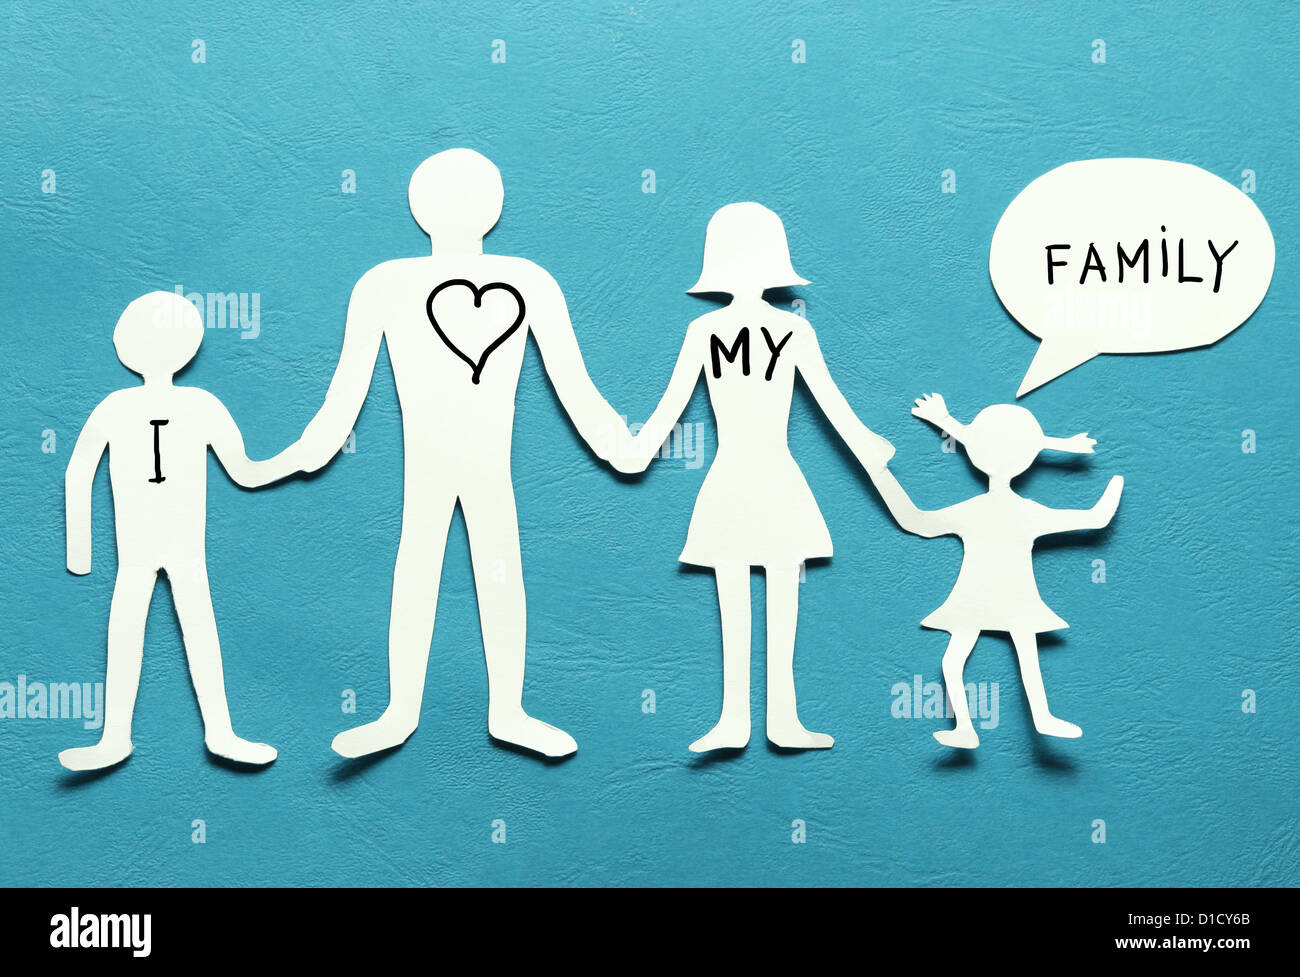 Pappfiguren der Familie auf einem blauen Hintergrund. Das Symbol der Einheit und des Glücks. Stockbild